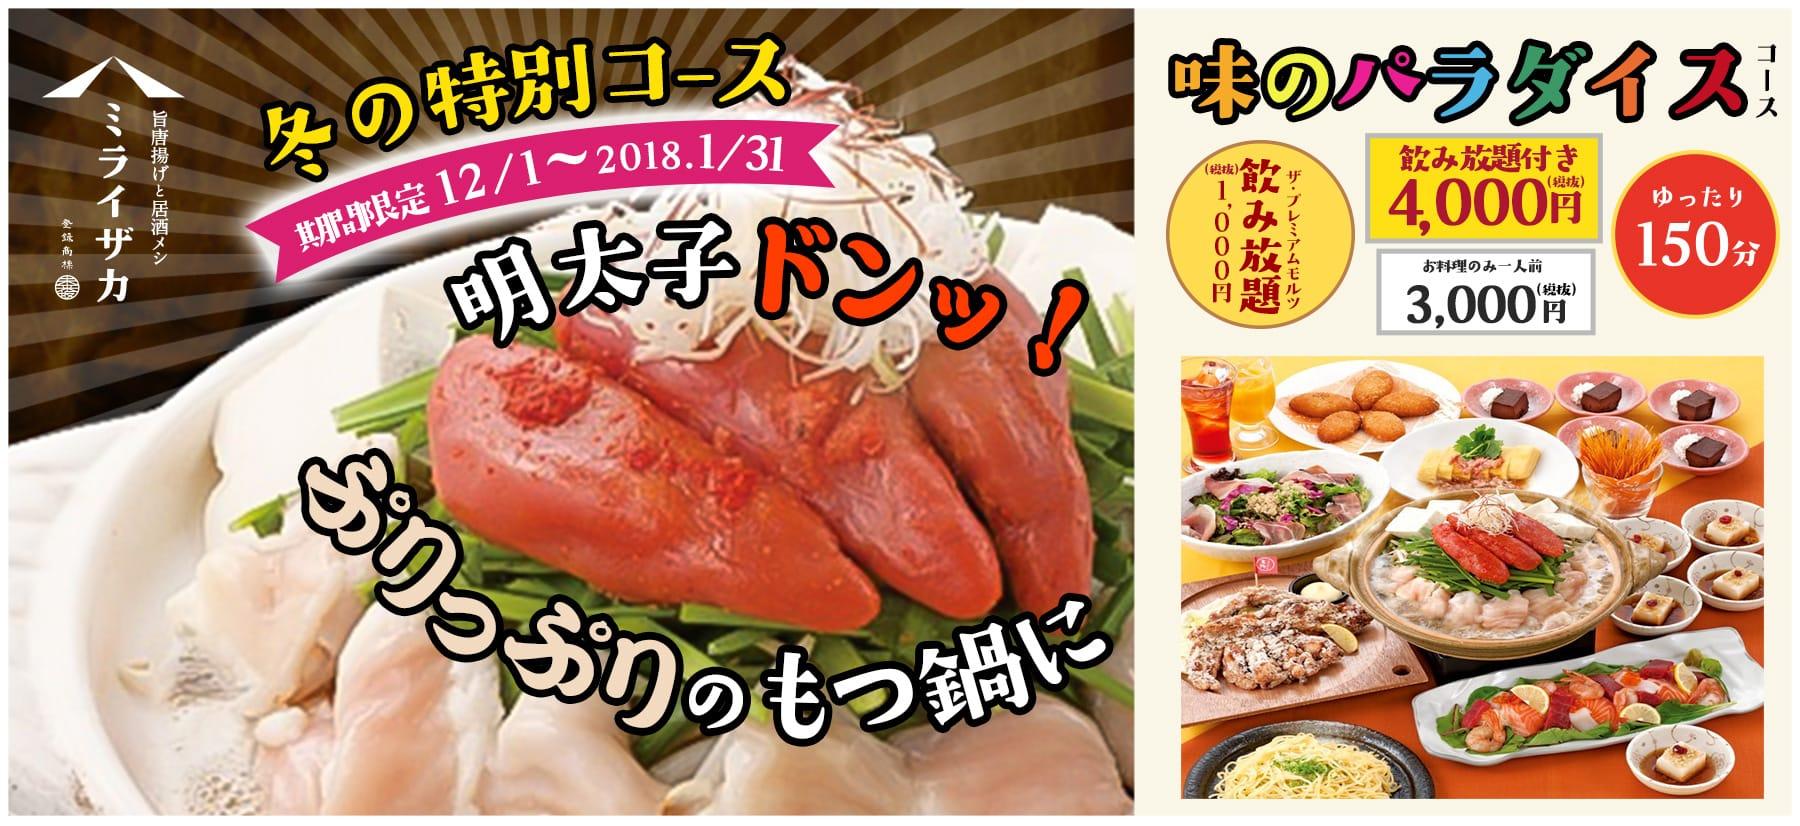 鍋 宴会「冬の特別コース」期間限定12月1日から2018年1月31日まで。味のパラダイスコース。ぷりっぷりのもつ鍋に明太子ドンッ!